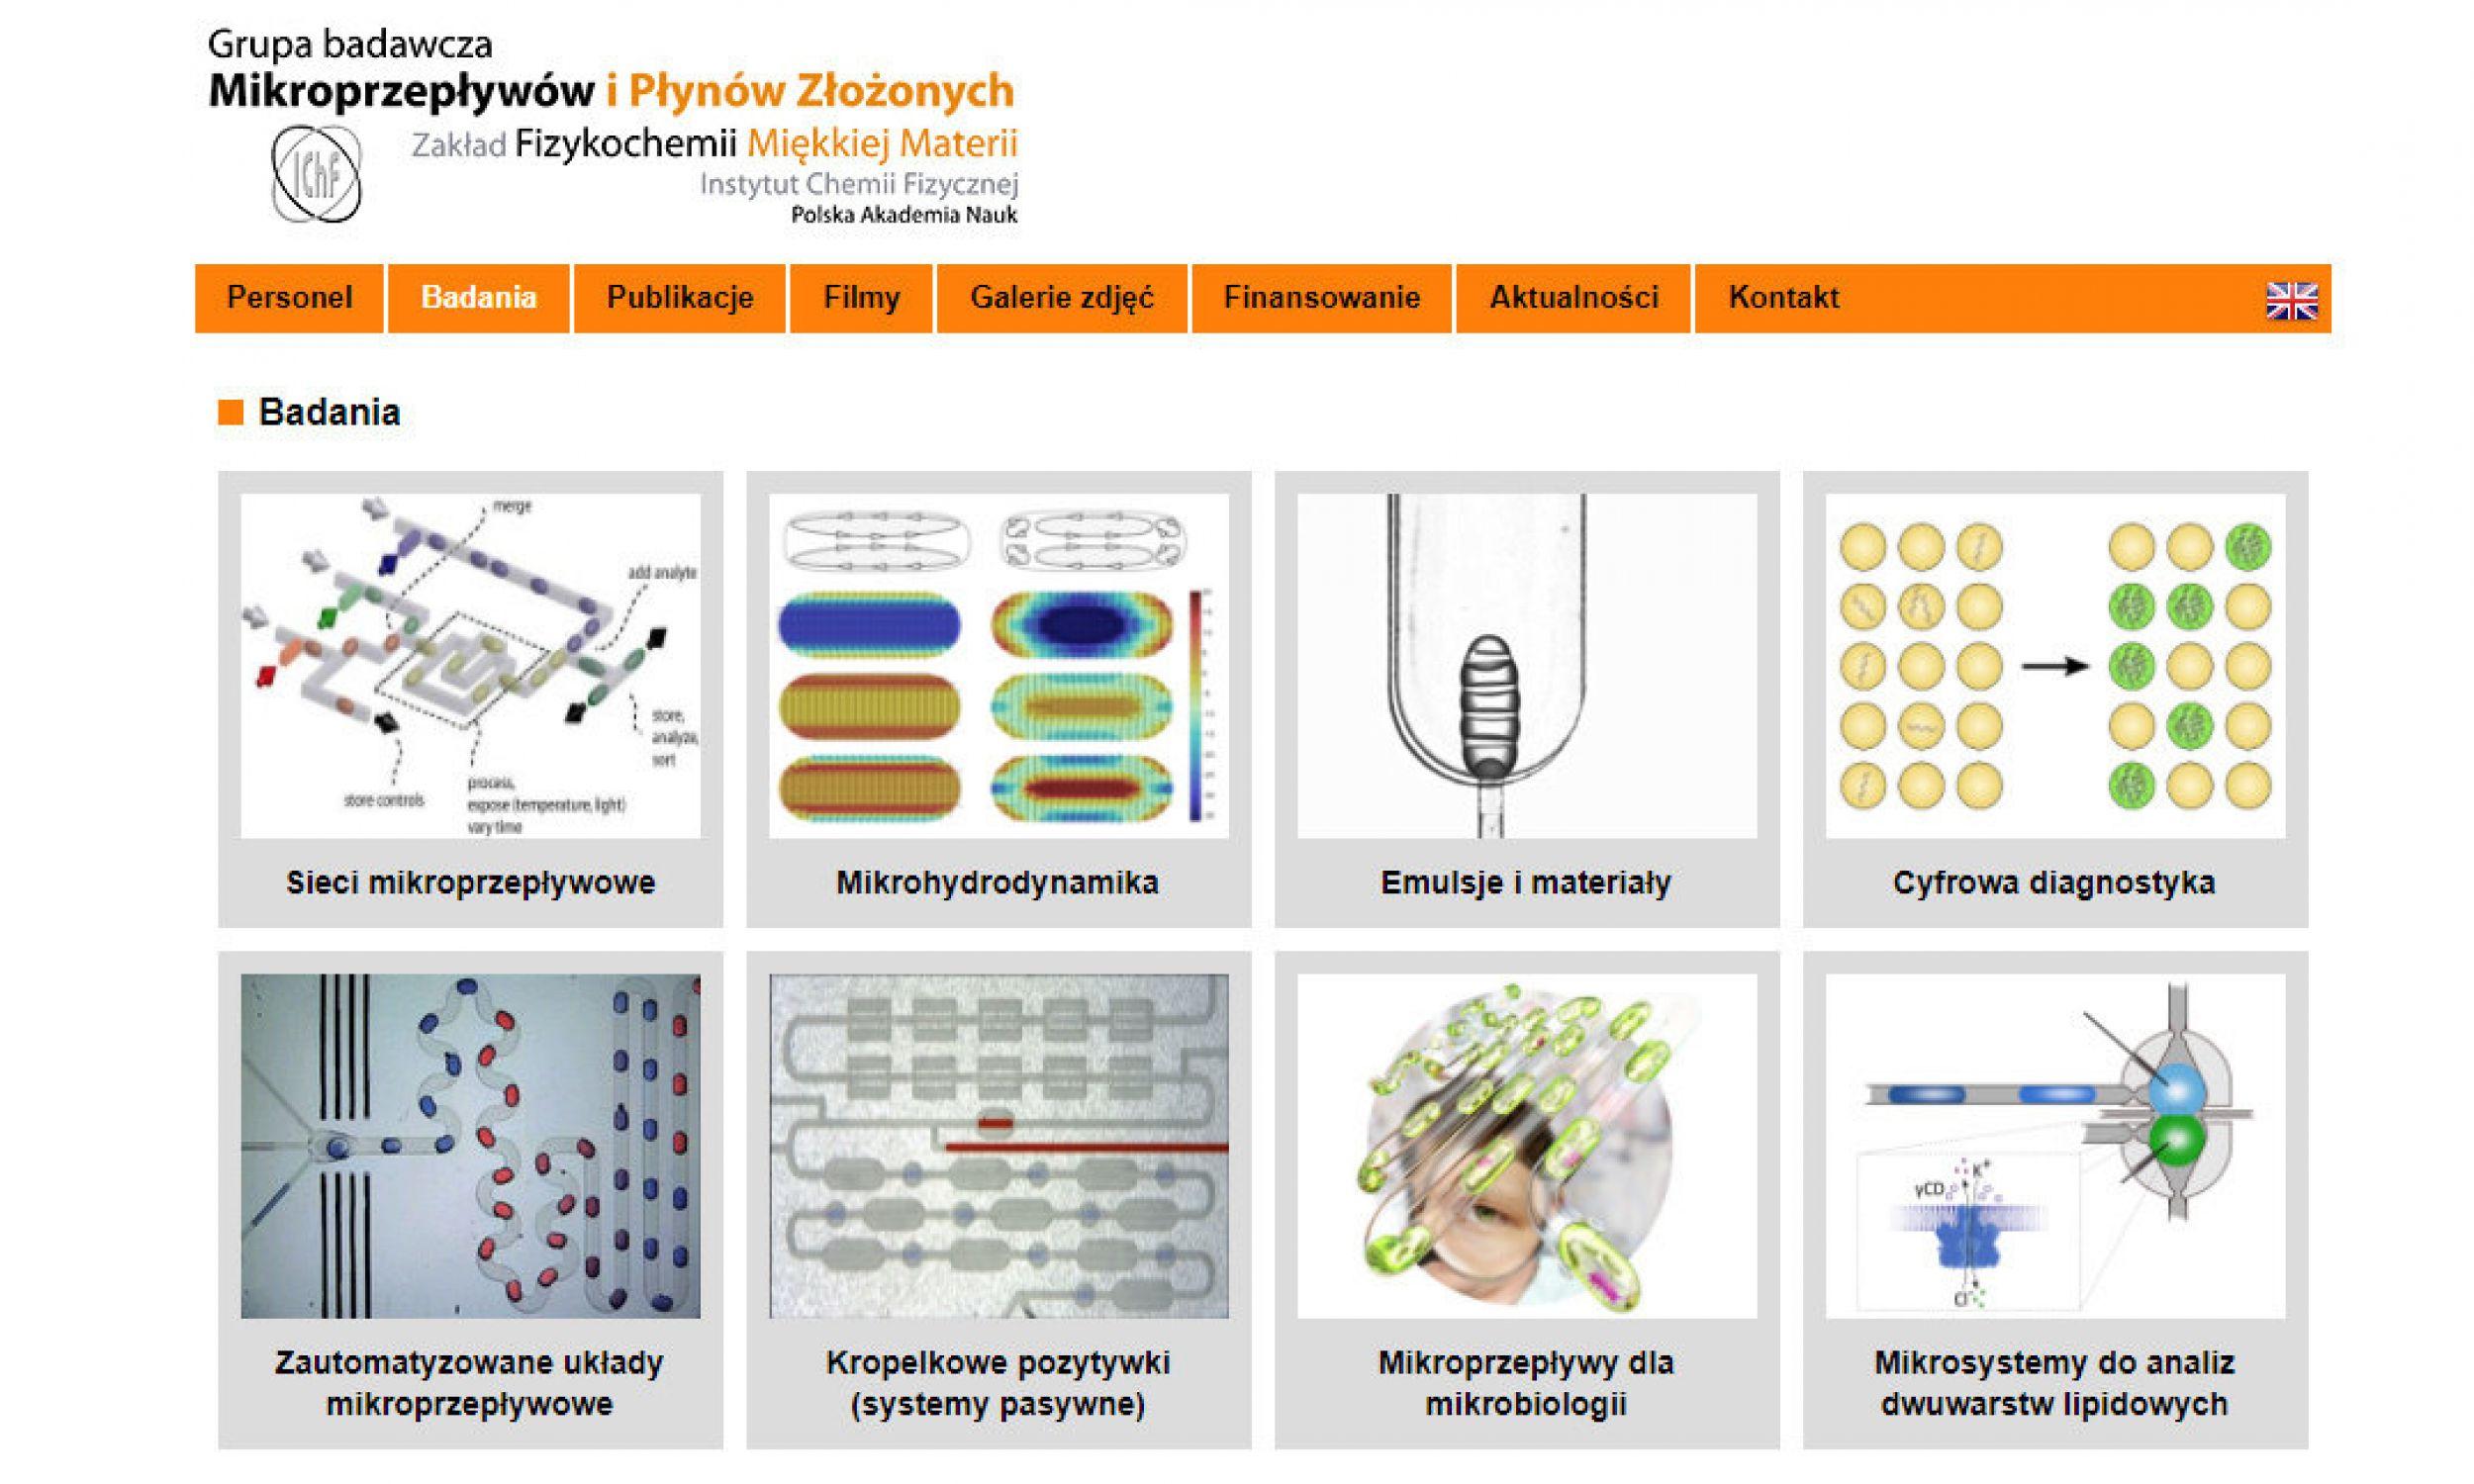 Grupa naukowców pod kierunkiem prof. Piotra Garsteckiego pracuje w Instytucie Chemii Fizycznej PAN nad miniaturowymi urządzeniami, dzięki którym probówki możemy zastąpić kroplami o objętości wyrażanej w mikrolitrach. Na zdjęciu strona projektu: http://ichf.pong.pl. Fot. printscreen